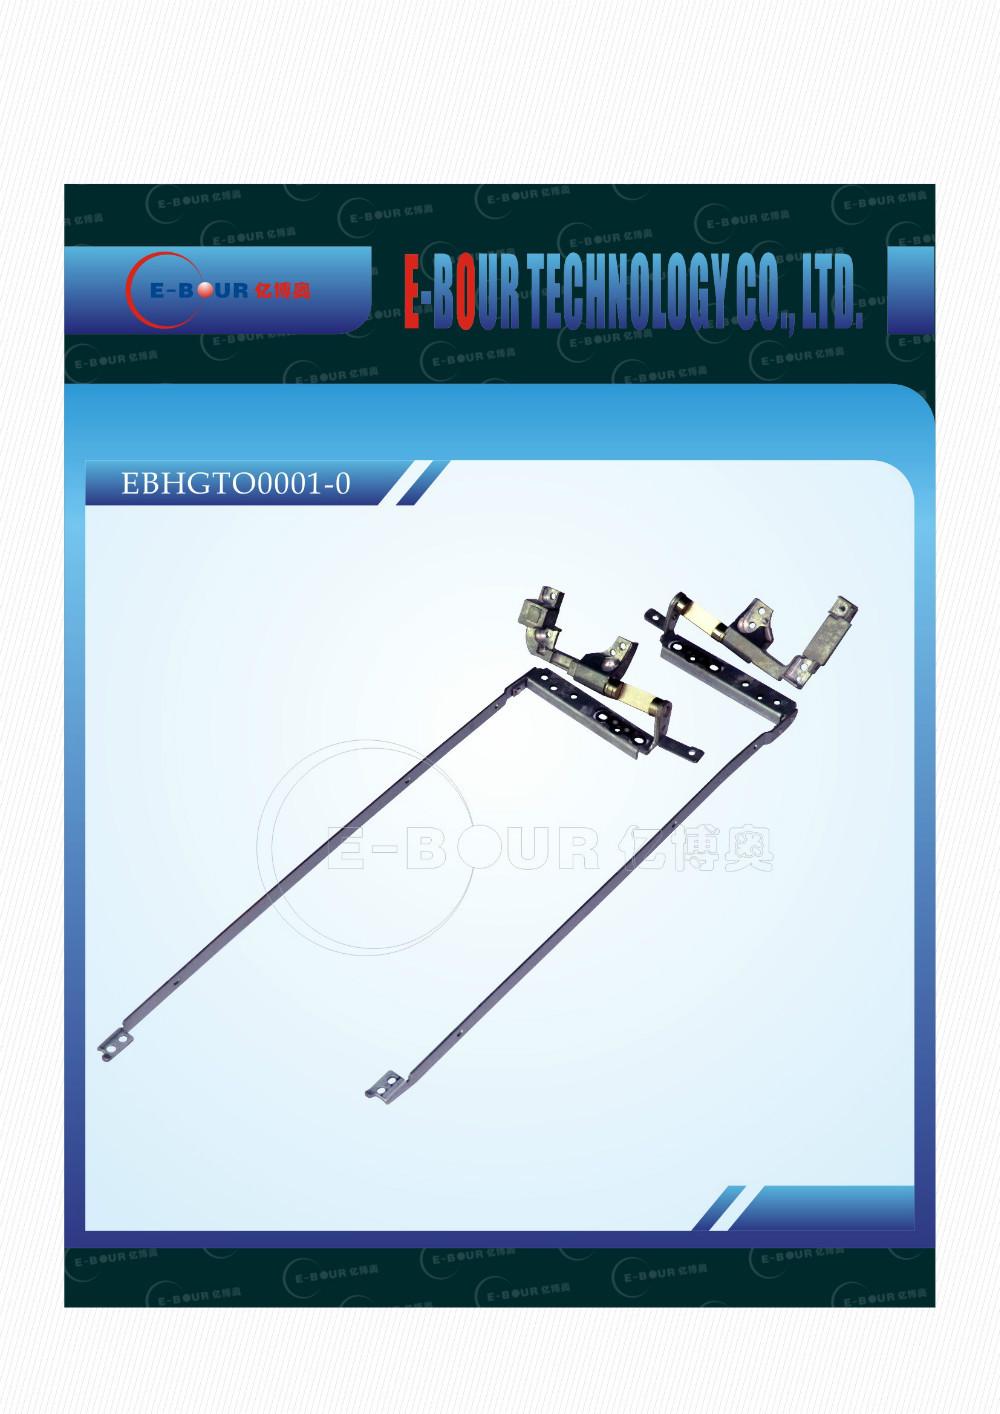 Крепление для ЖК дисплея ноутбука ebour003 Toshiba A200 переходник для мотобура ag 252 200 carver 01 003 00023